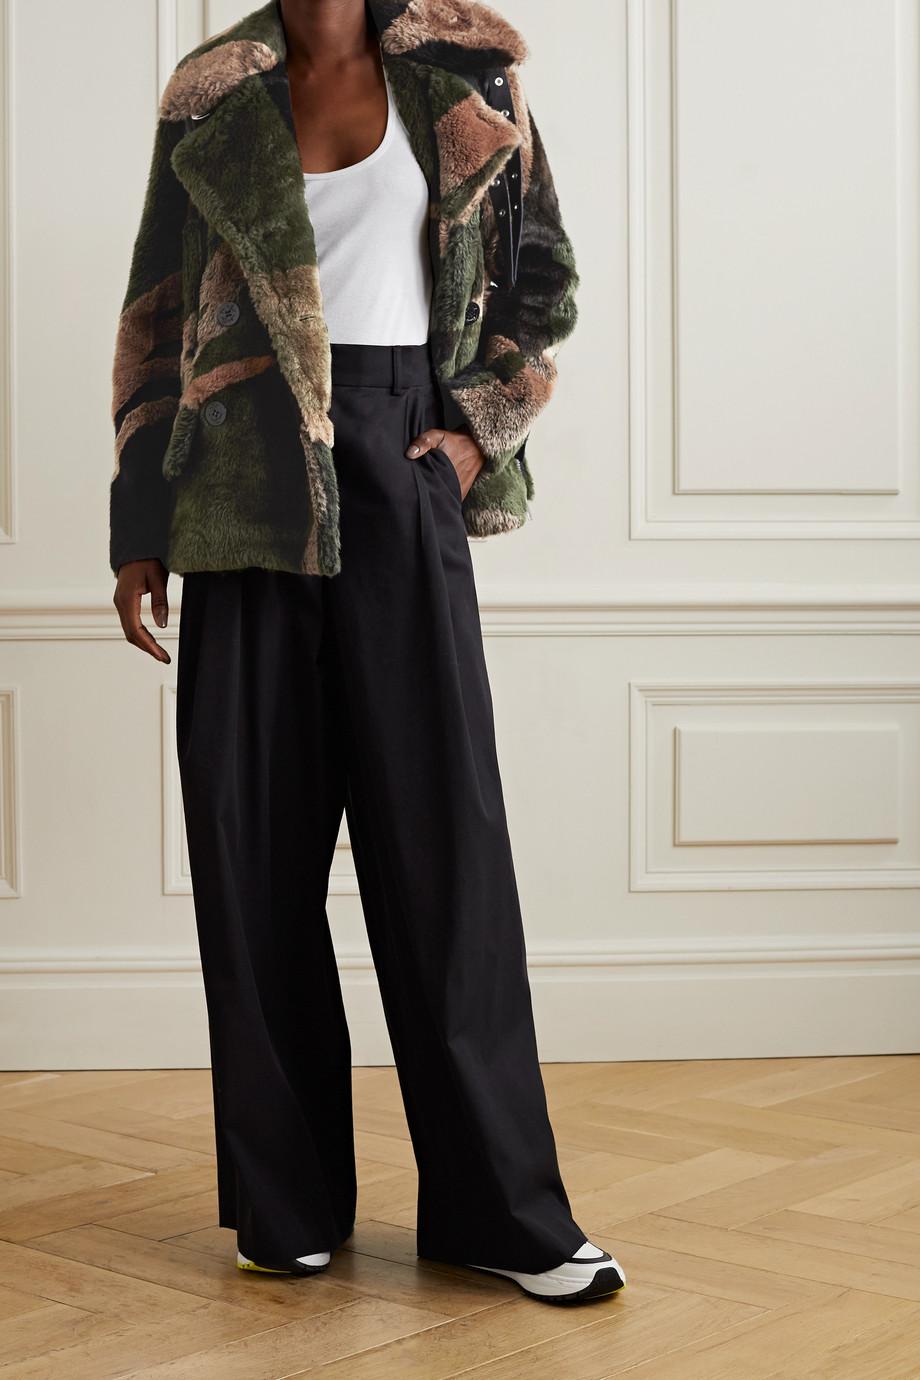 Sacai Manteau à double boutonnage en fourrure synthétique imprimée à finitions en cuir x KAWS